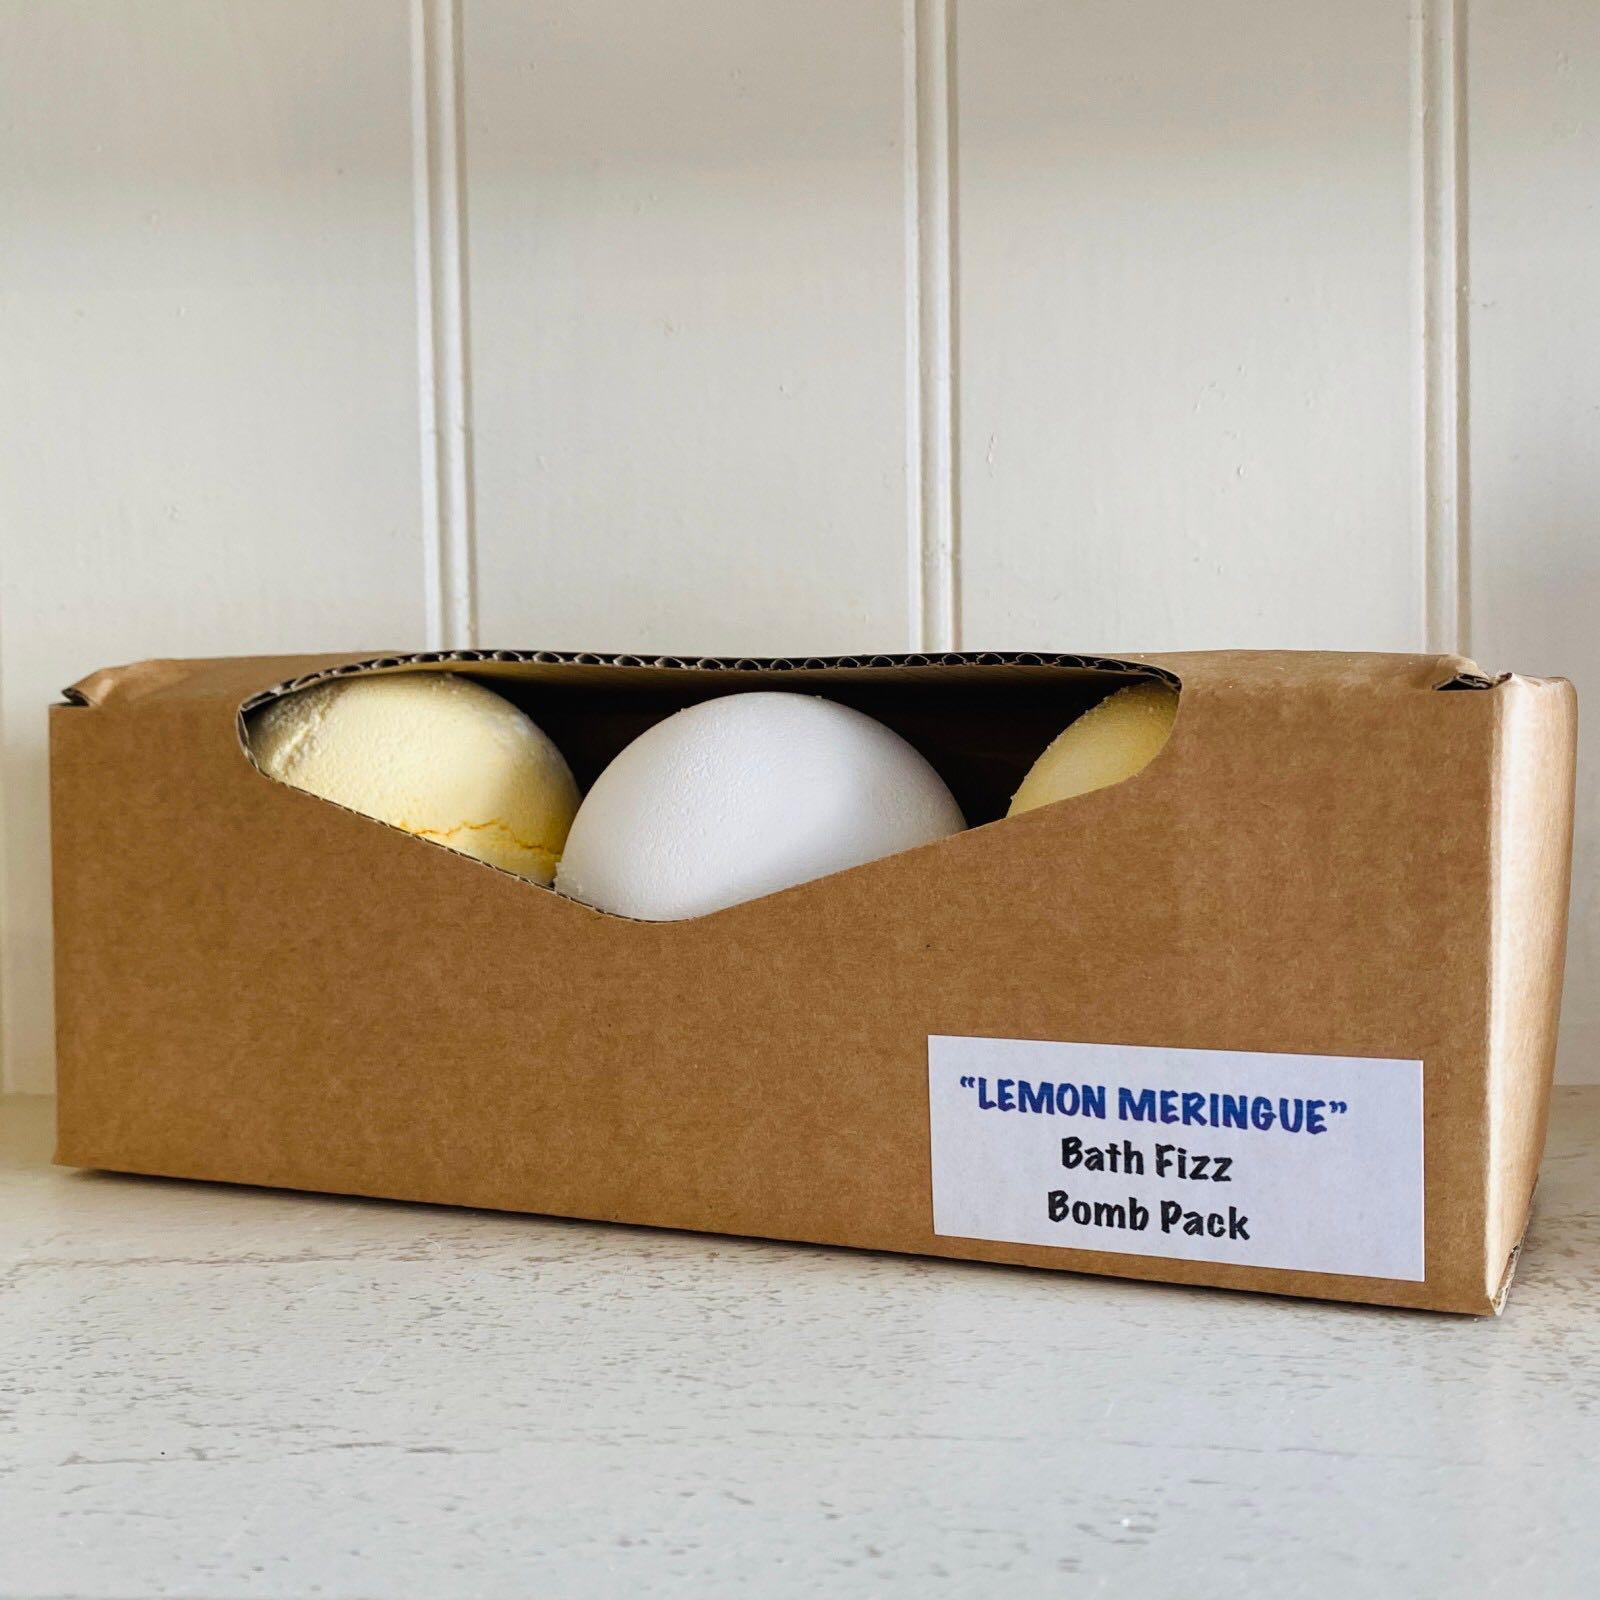 Lemon Meringue Bath Fizz Bomb Pack